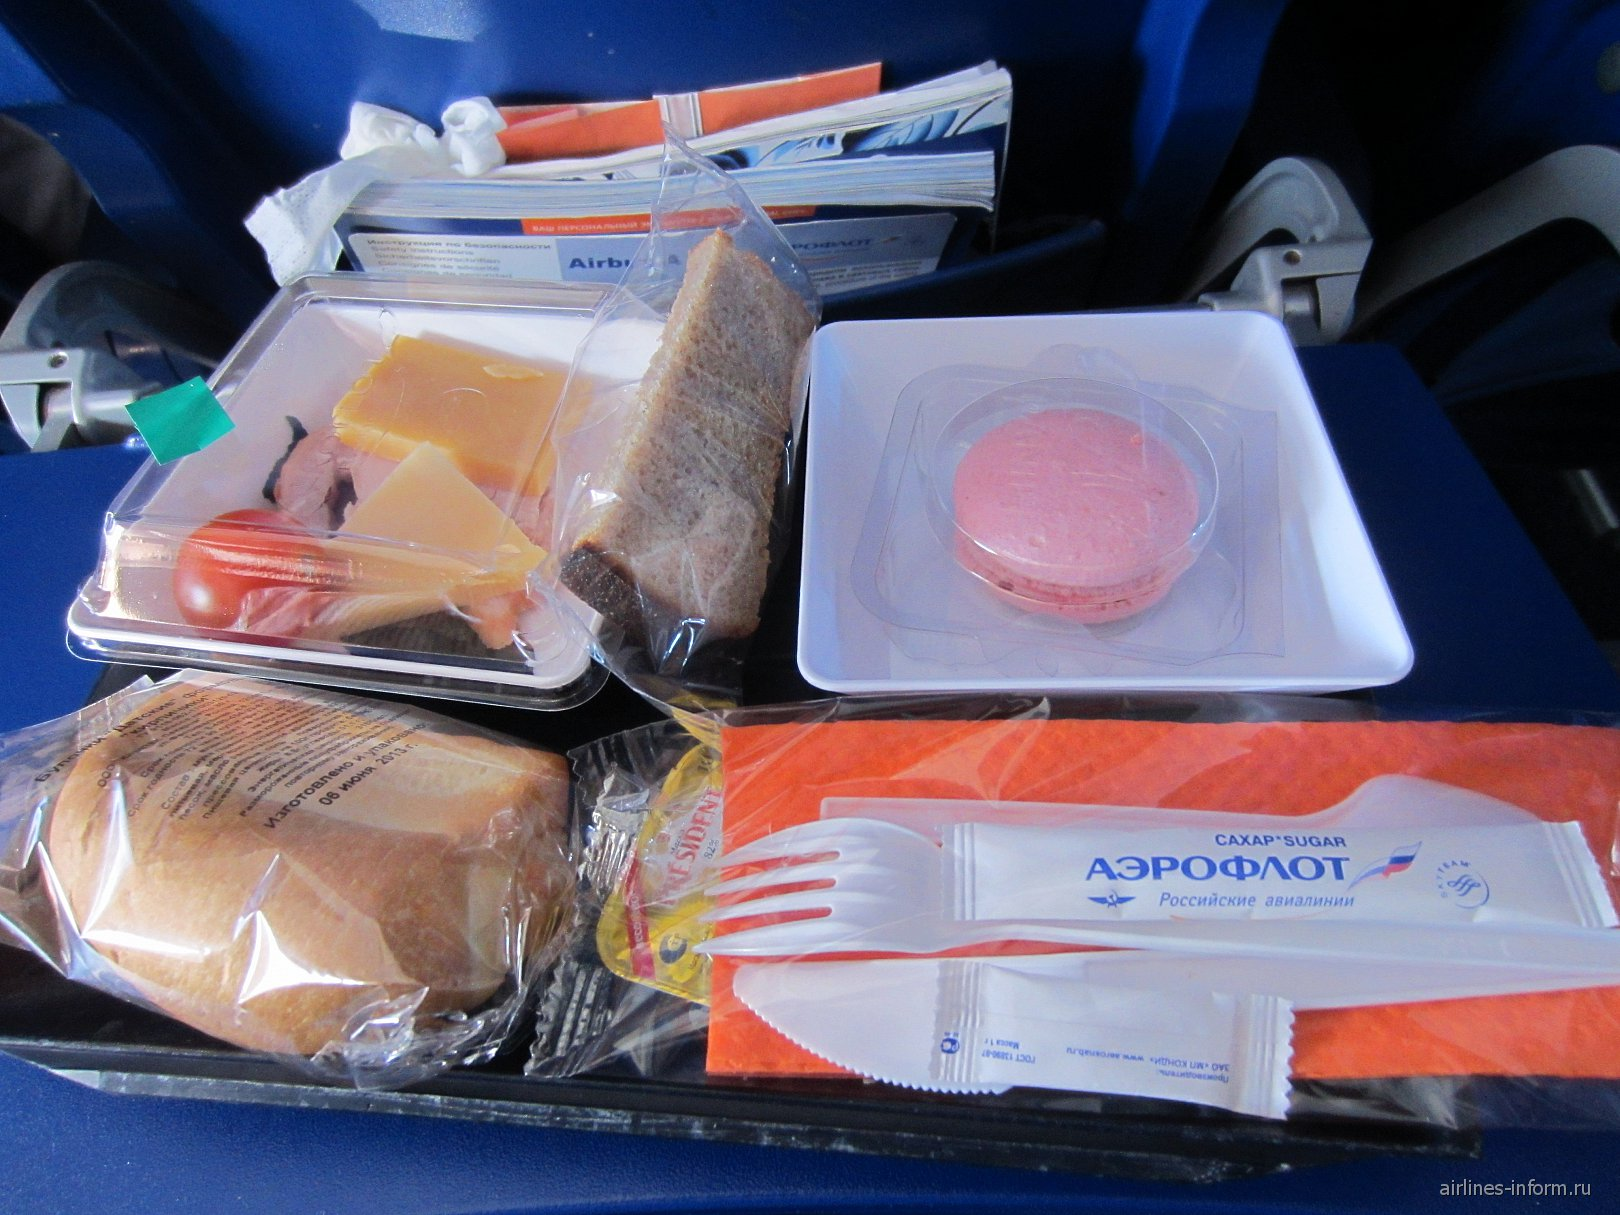 Питание на рейсе Аэрофлота Екатеринбург-Москва